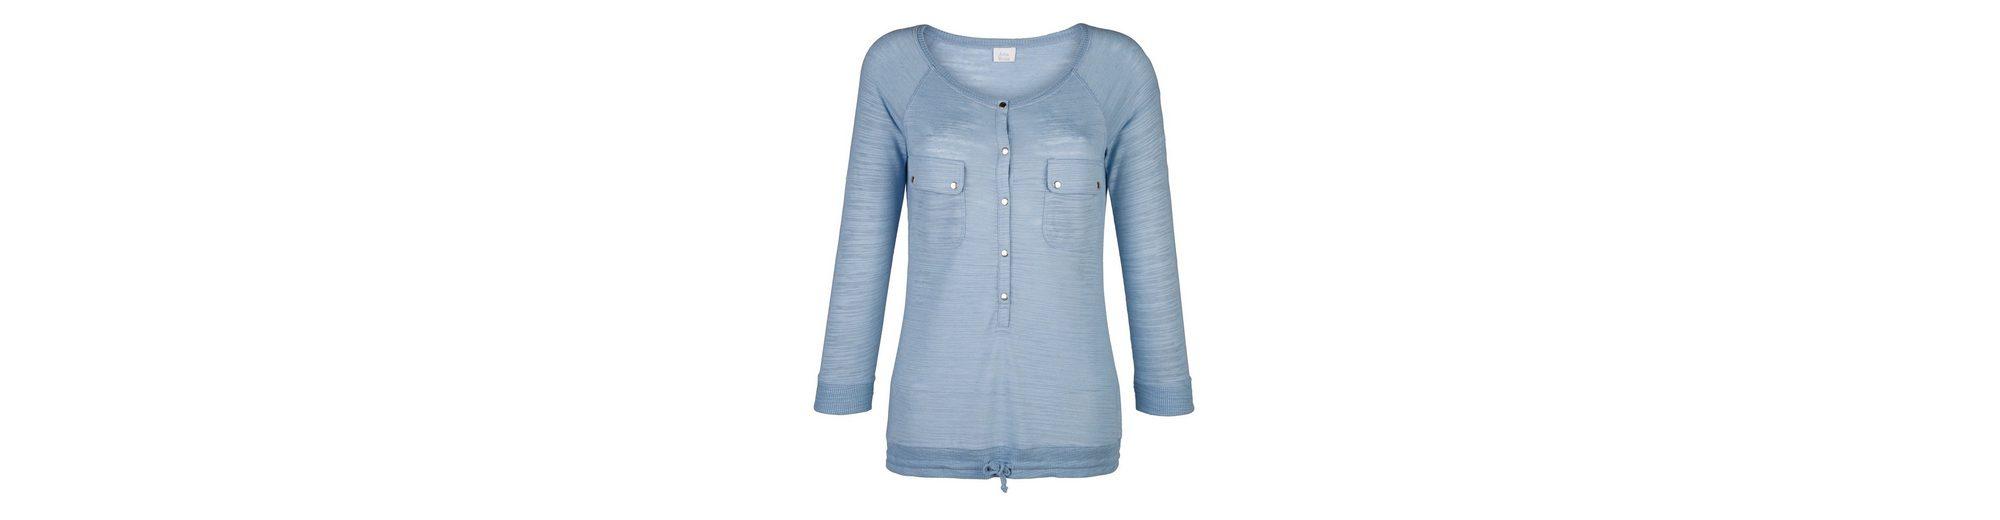 Größte Anbieter Günstig Online Alba Moda Shirt mit Knopfleiste Websites Online-Verkauf Auslass Sneakernews KNnwgrt30p